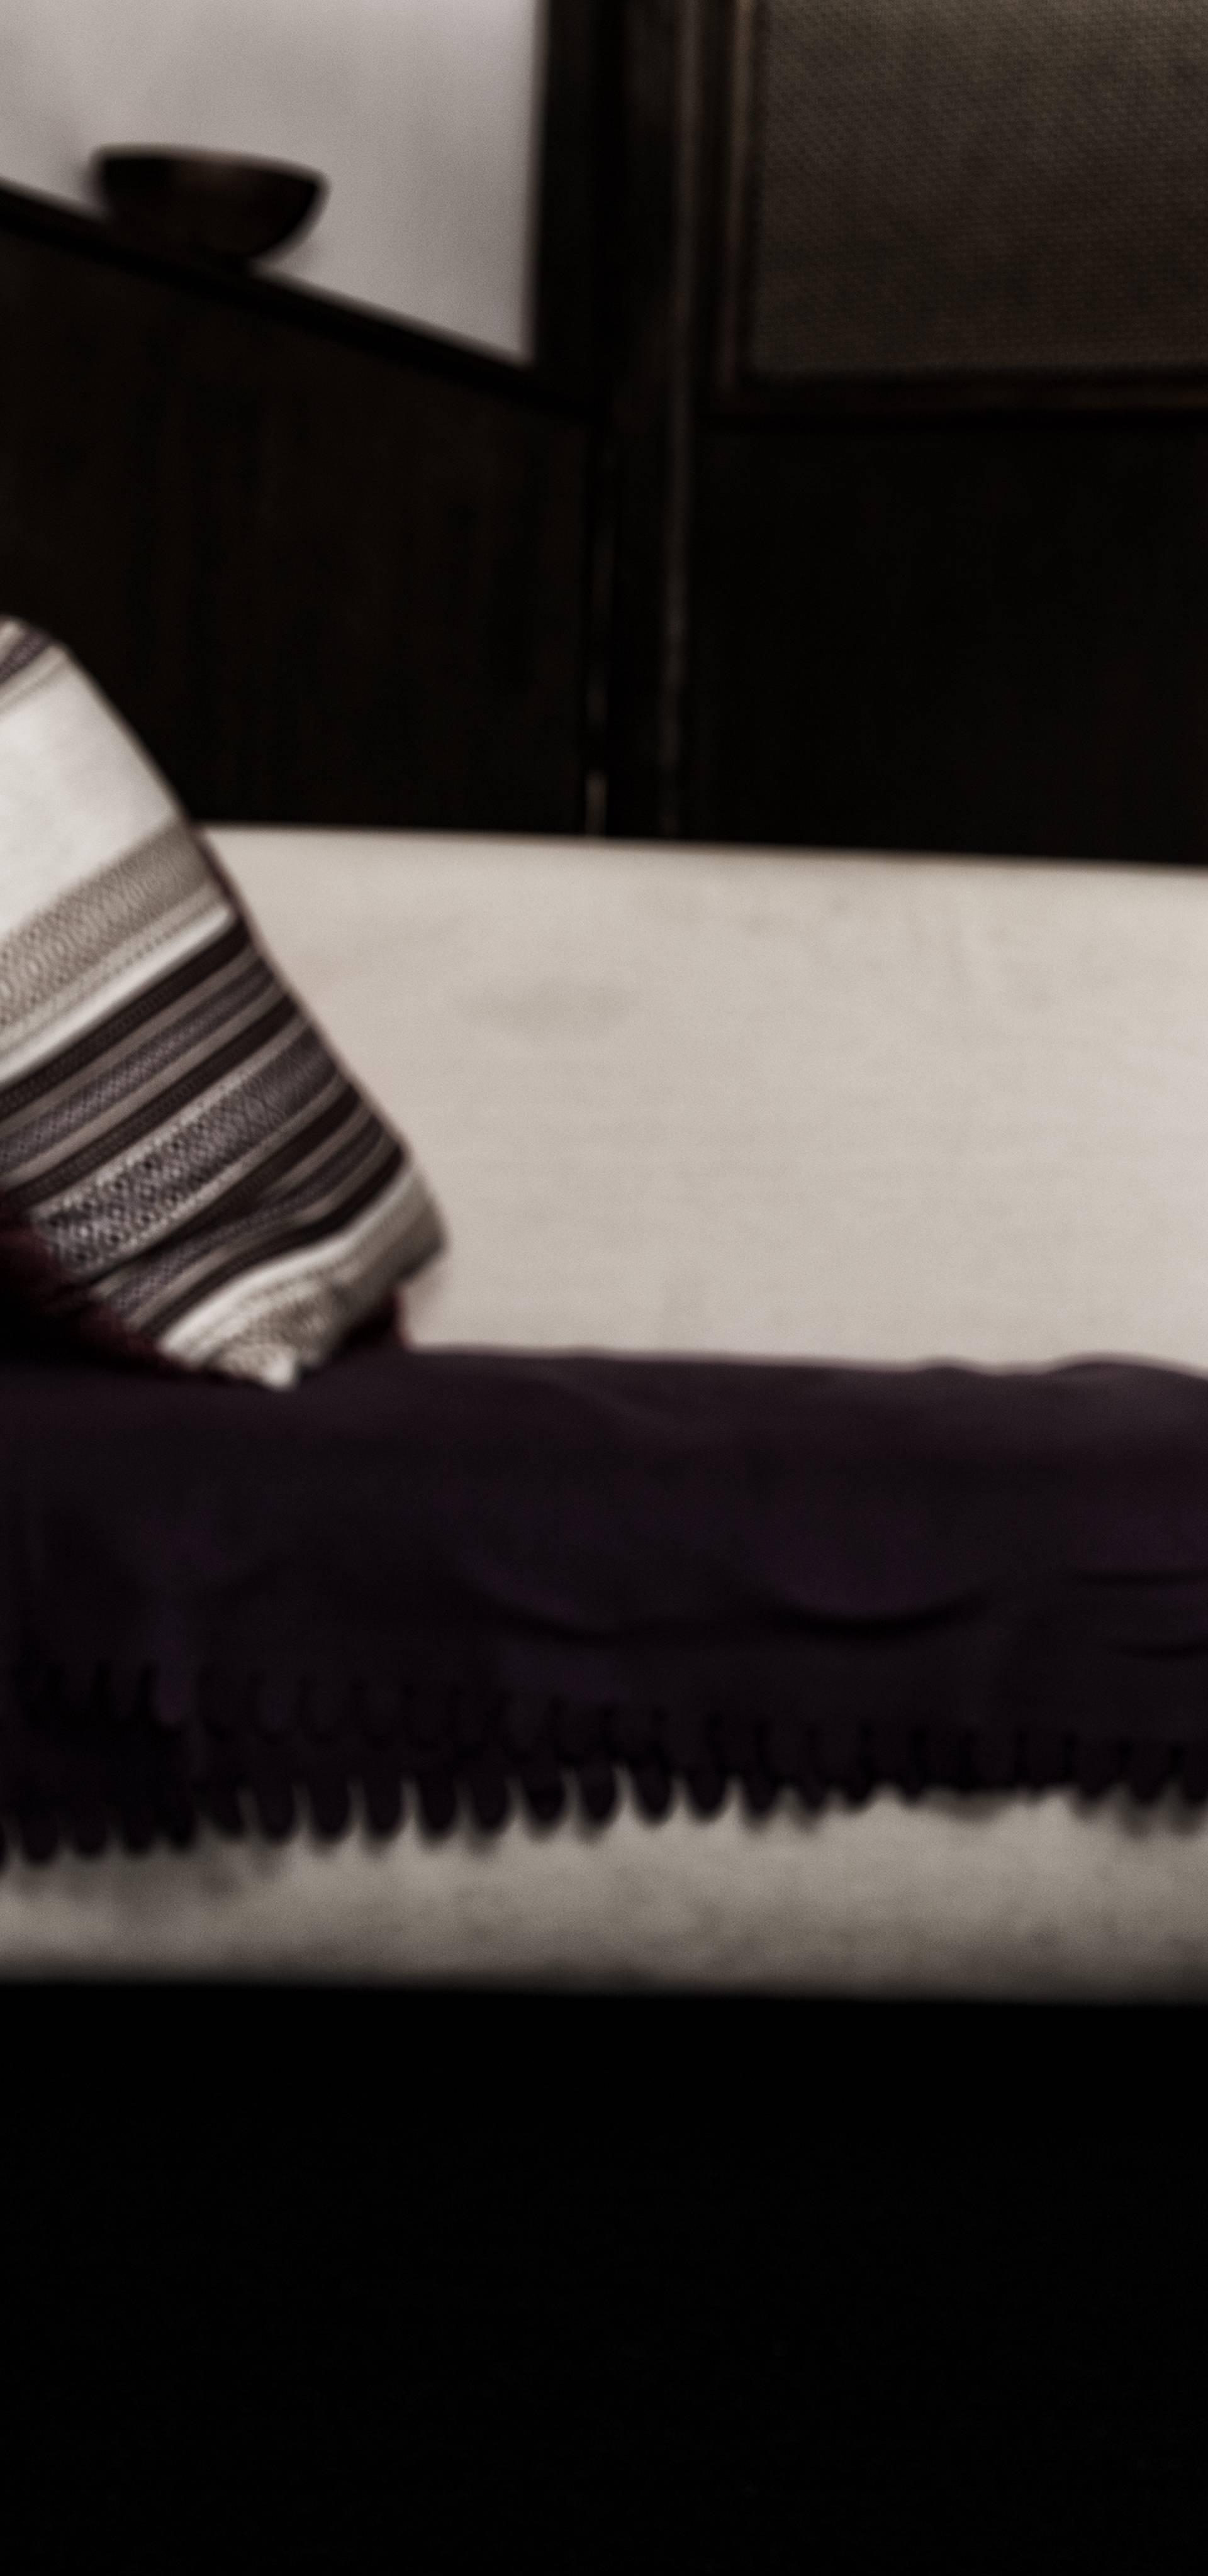 Kaštelanka: Analno me silovao 45-godišnjak iz okolice Zadra